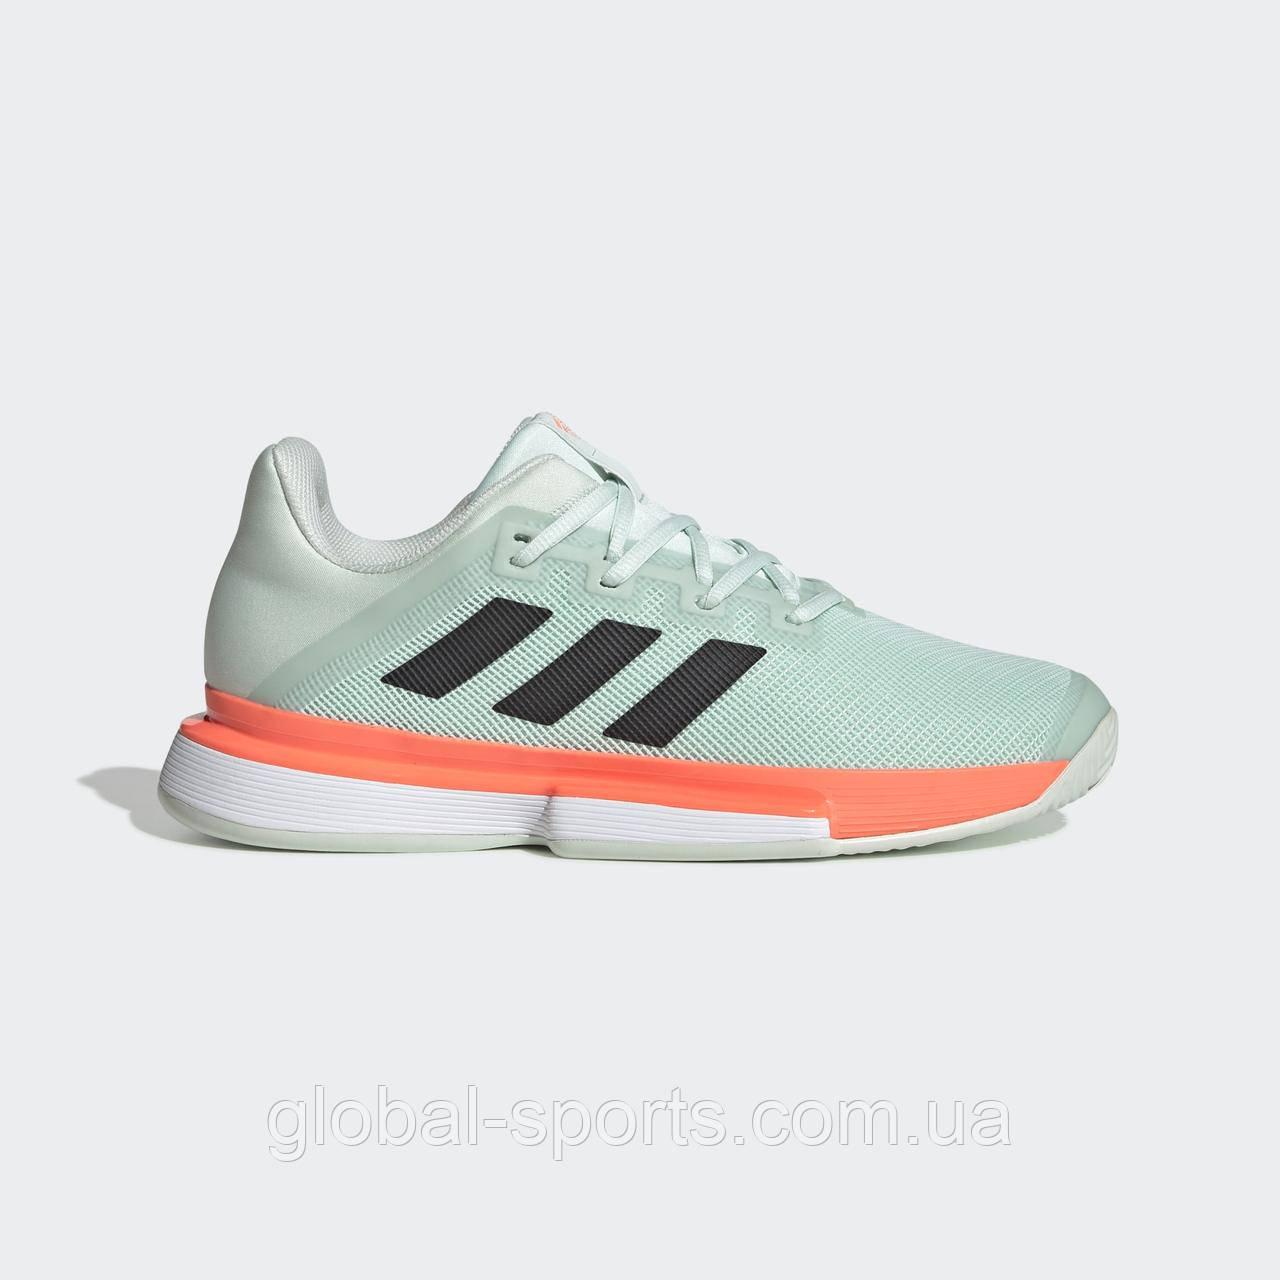 Чоловічі кросівки Adidas SoleMatch Bounce(Артикул:EG2216)